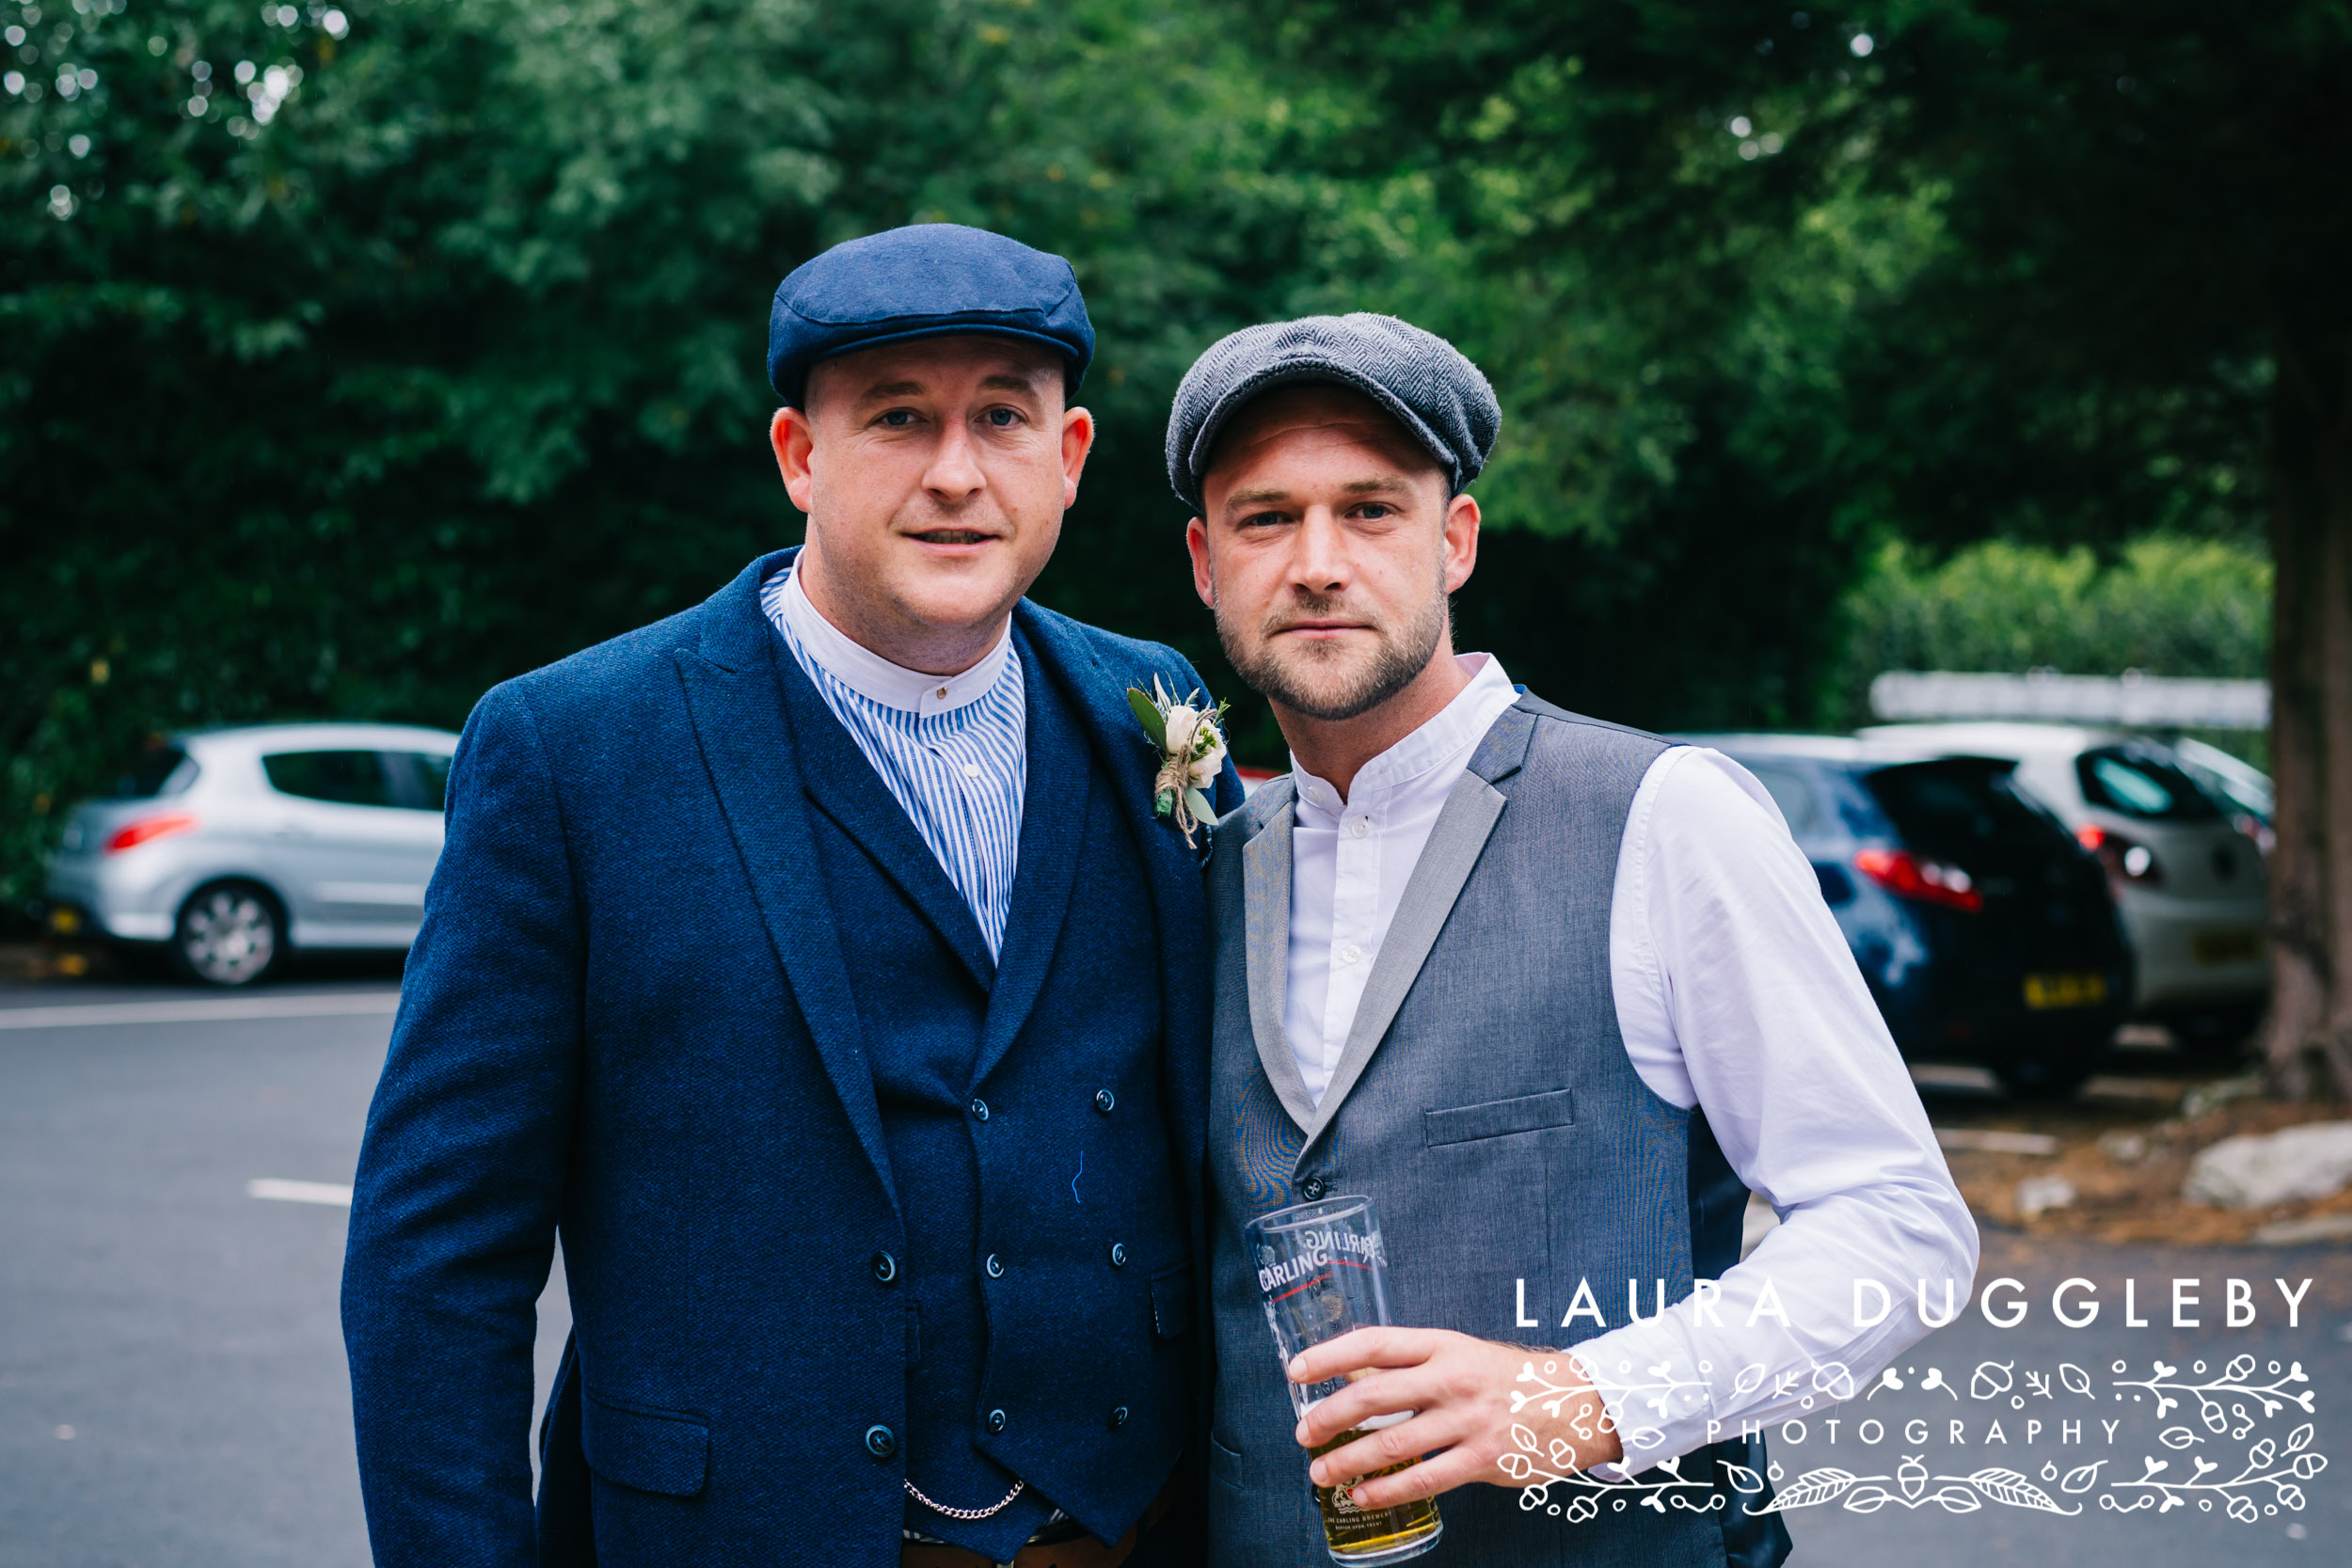 Whitehall Hotel Peaky Blinders Wedding-9.jpg